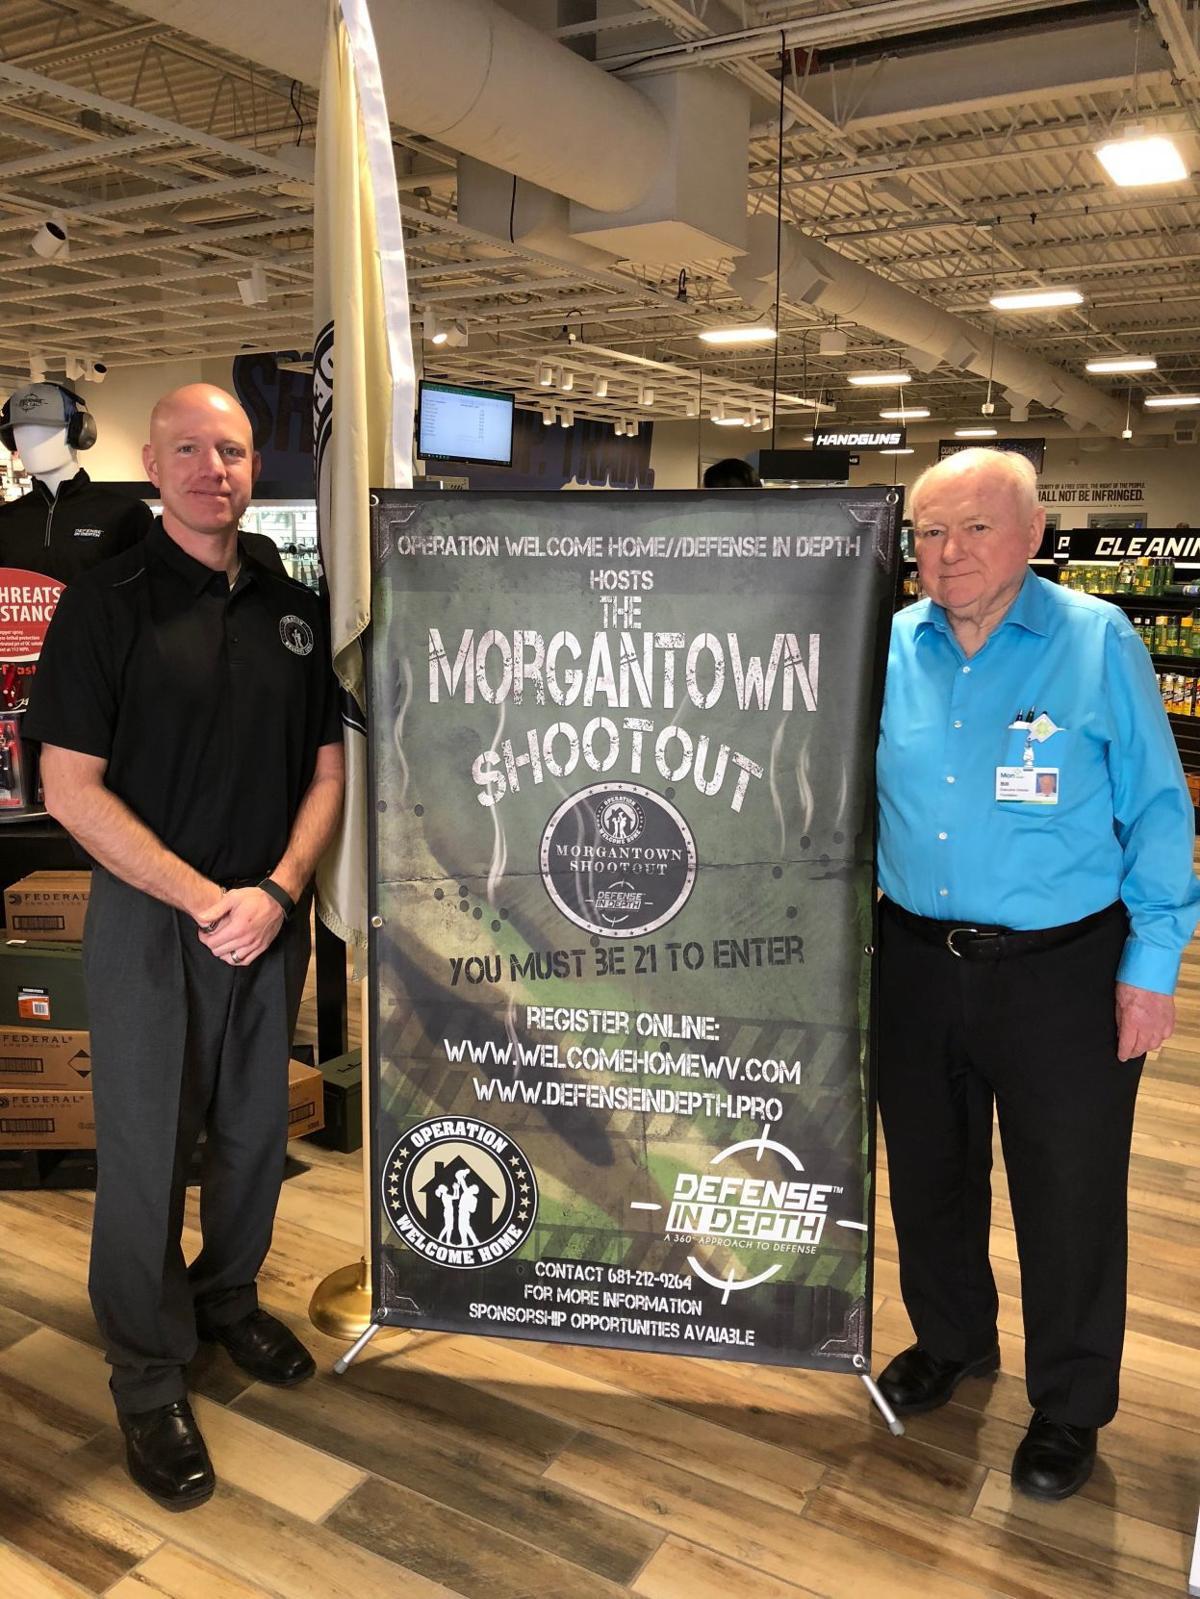 Morgantown Shootout